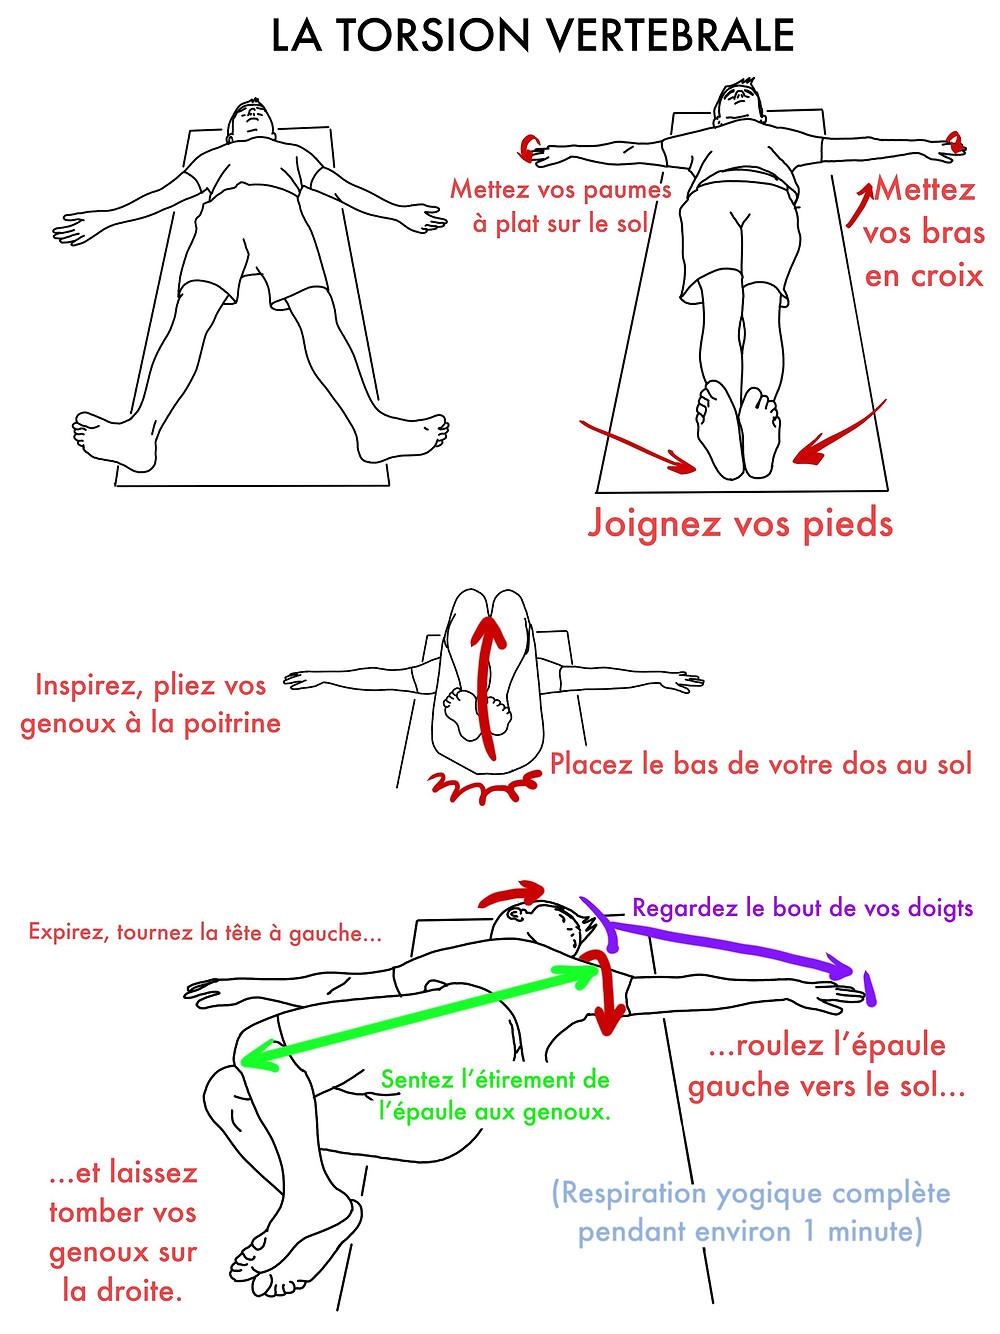 Cours de Yoga en ligne : La Torsion Vertébrale - www.yogawebacademie.fr